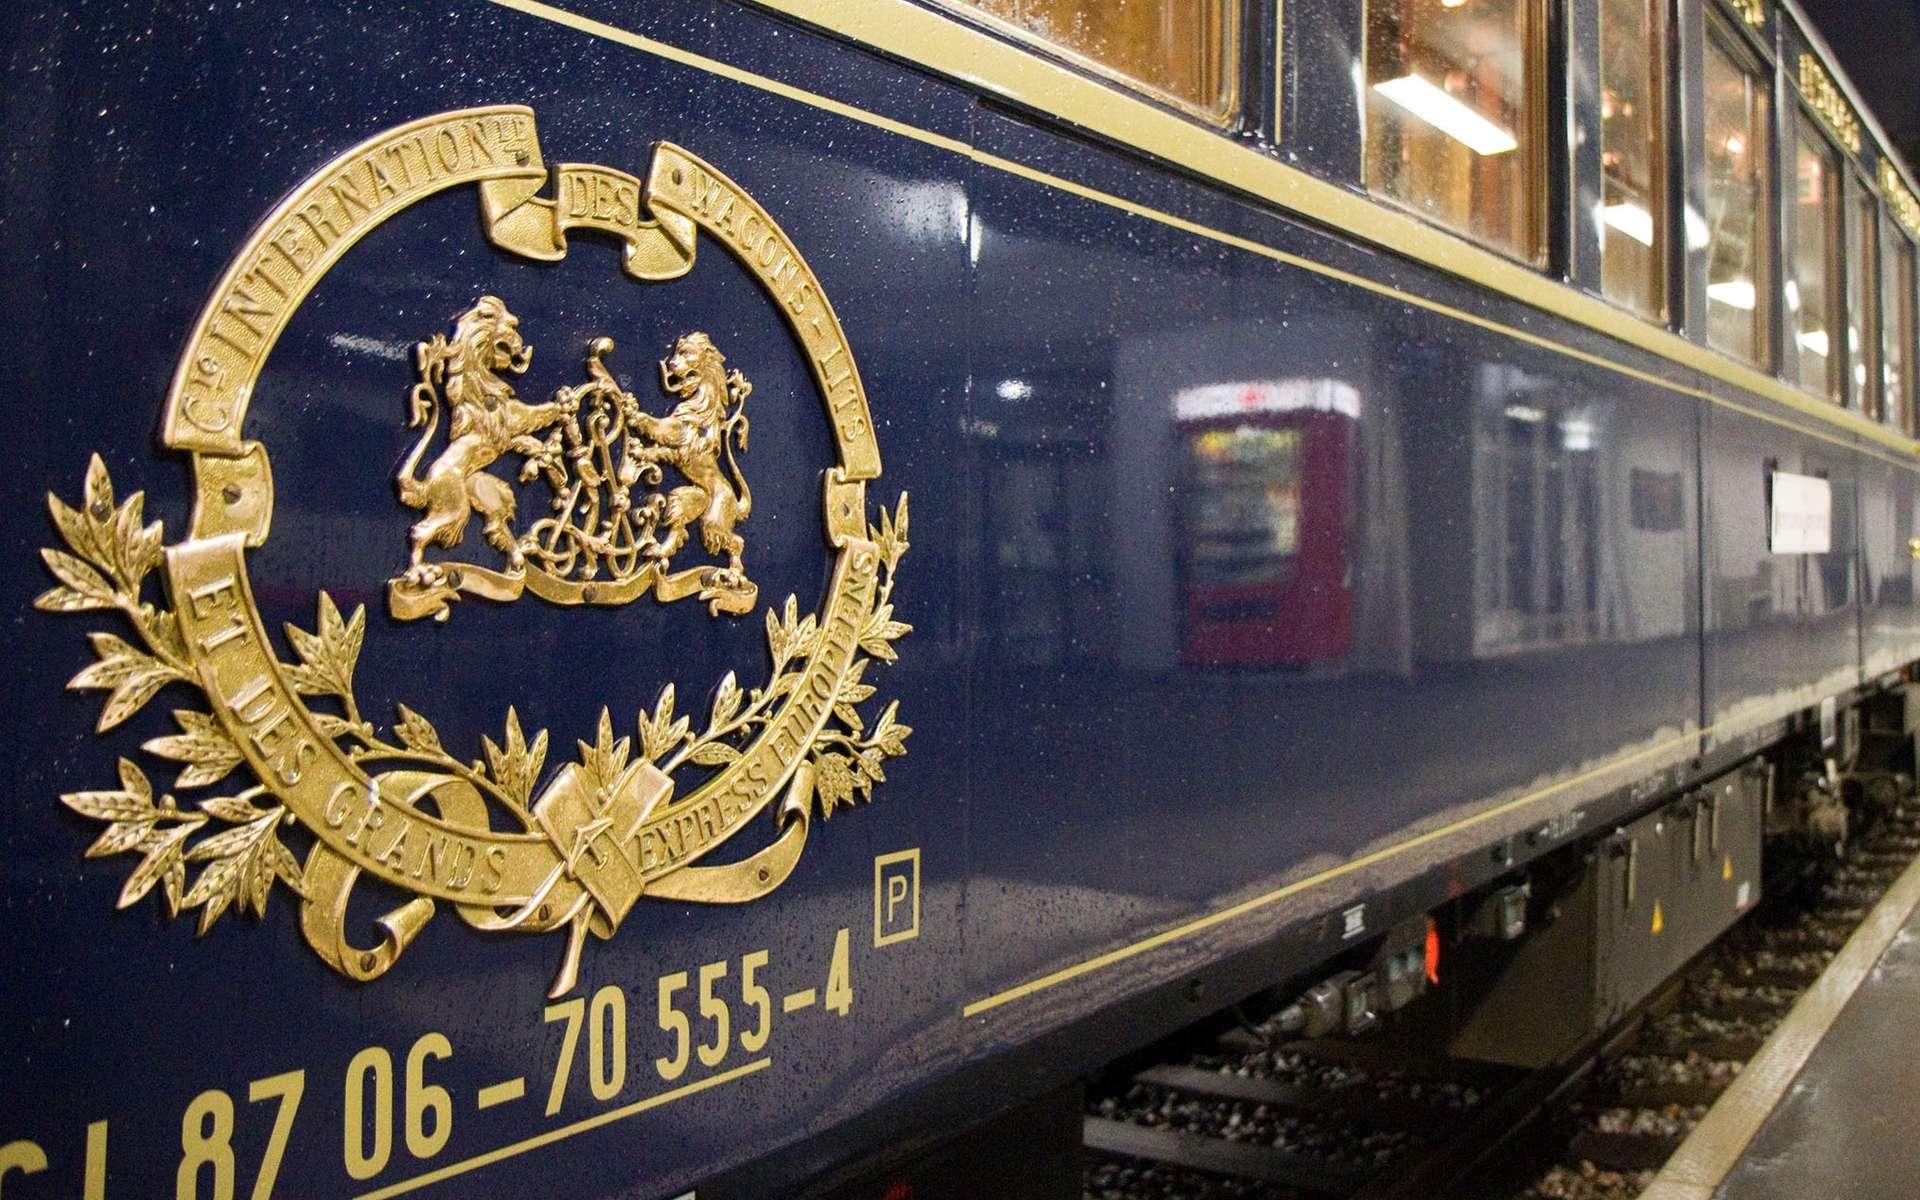 Le voyage dans l'Orient-Express a connu son apogée dans les années 1920. © Murdockcrc, Wikimedia Commons